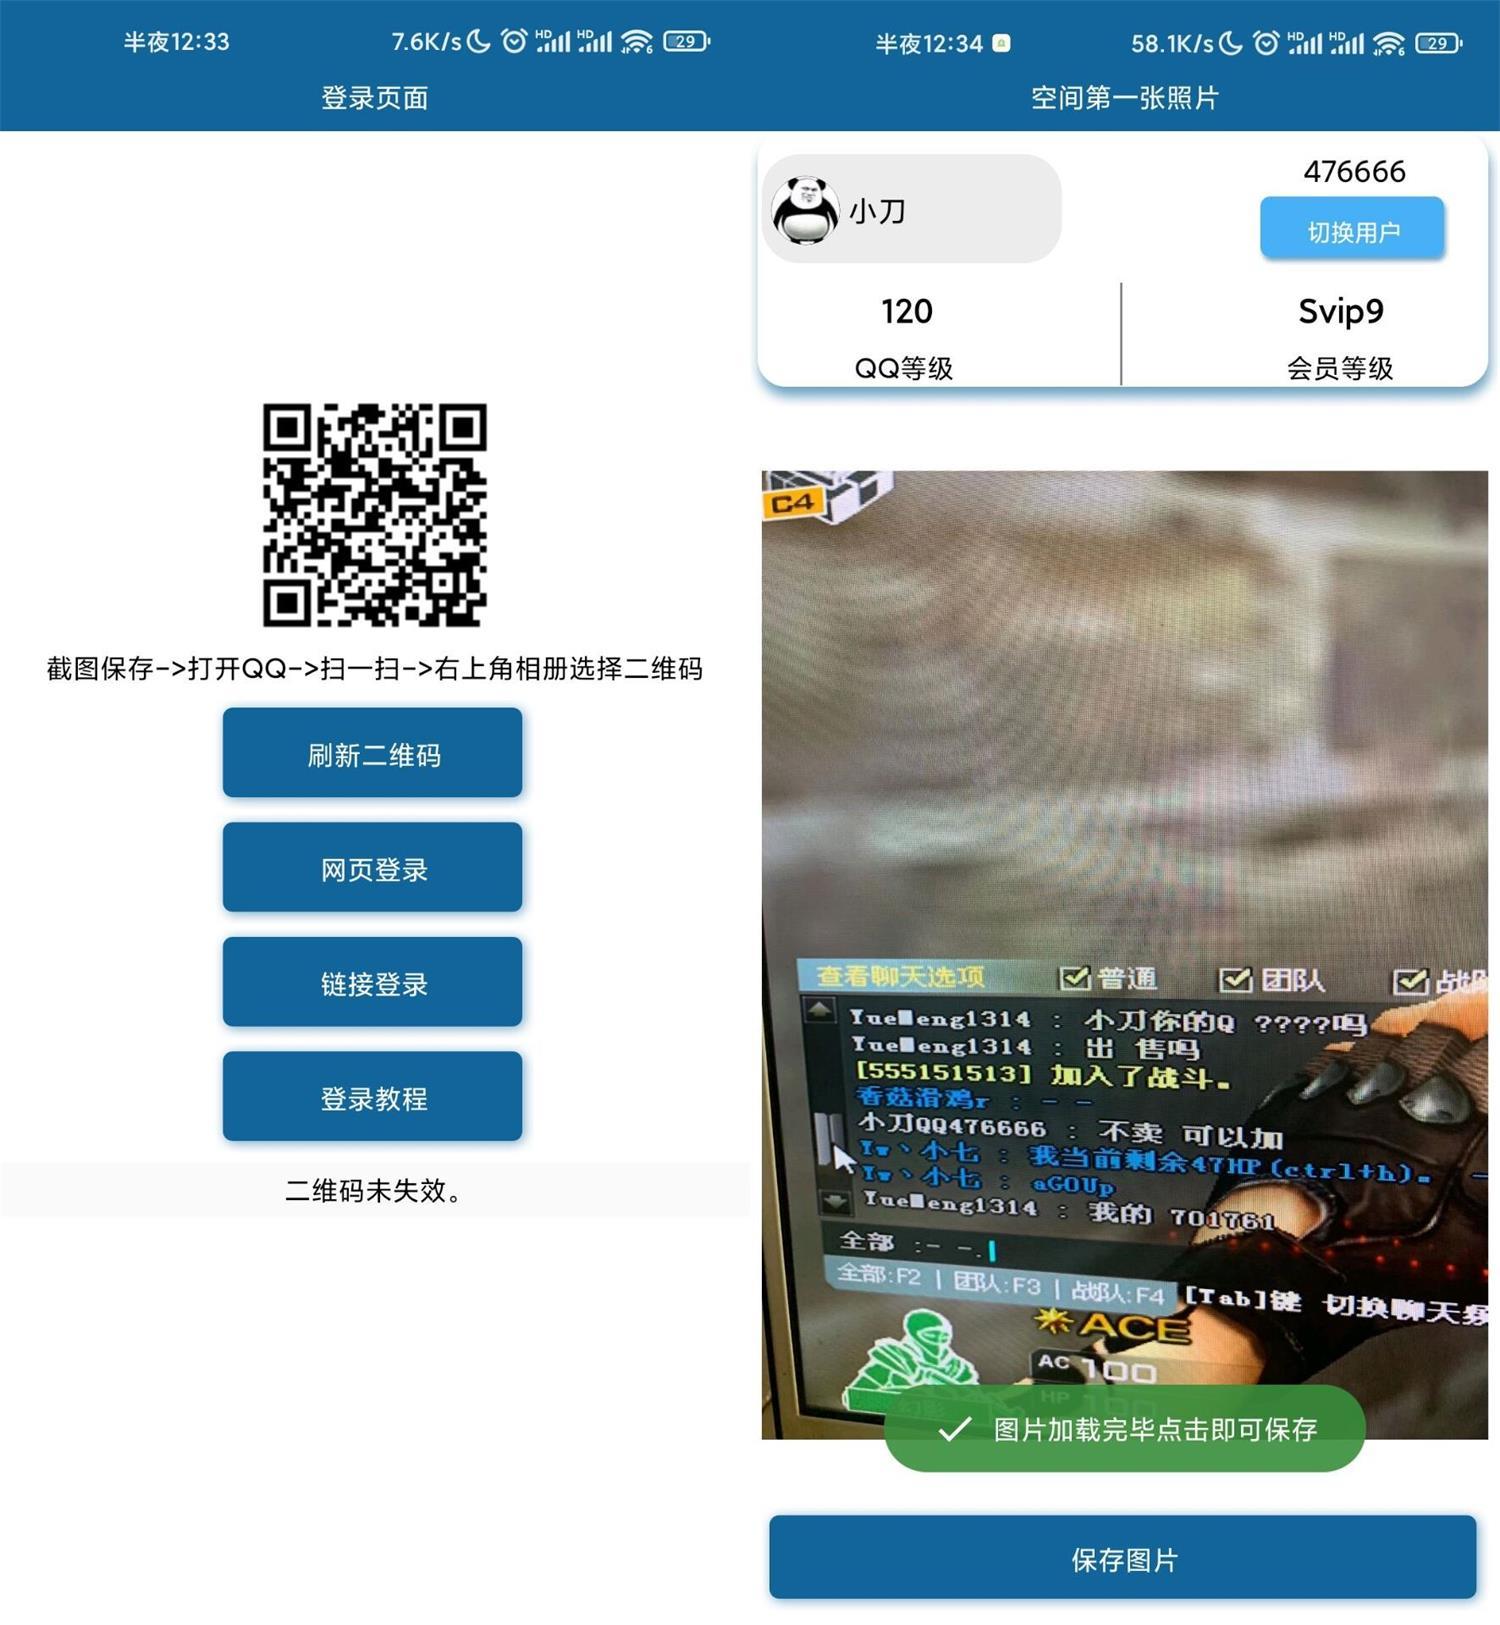 安卓QQ空间第一张照片v1.0-云奇网